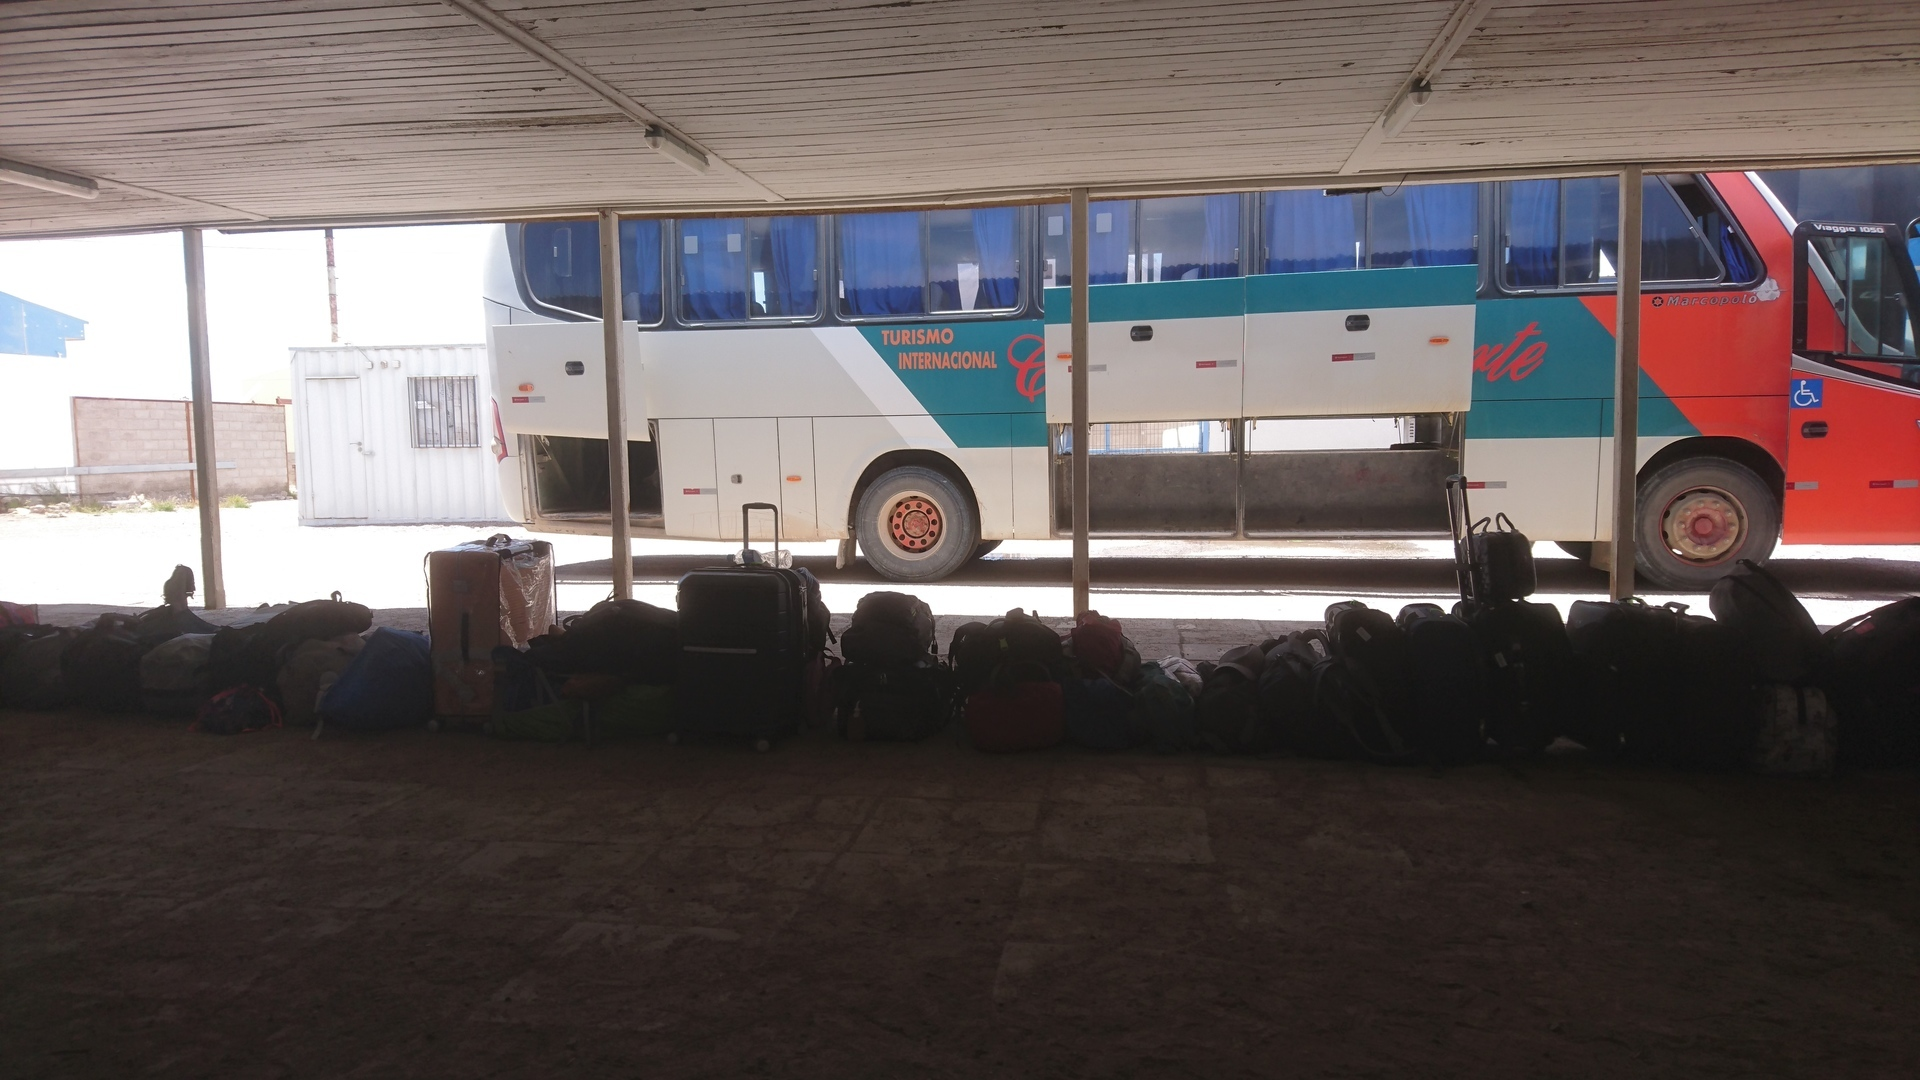 チリ ボリビア ウユニ旅行 カラマ 荷物一列